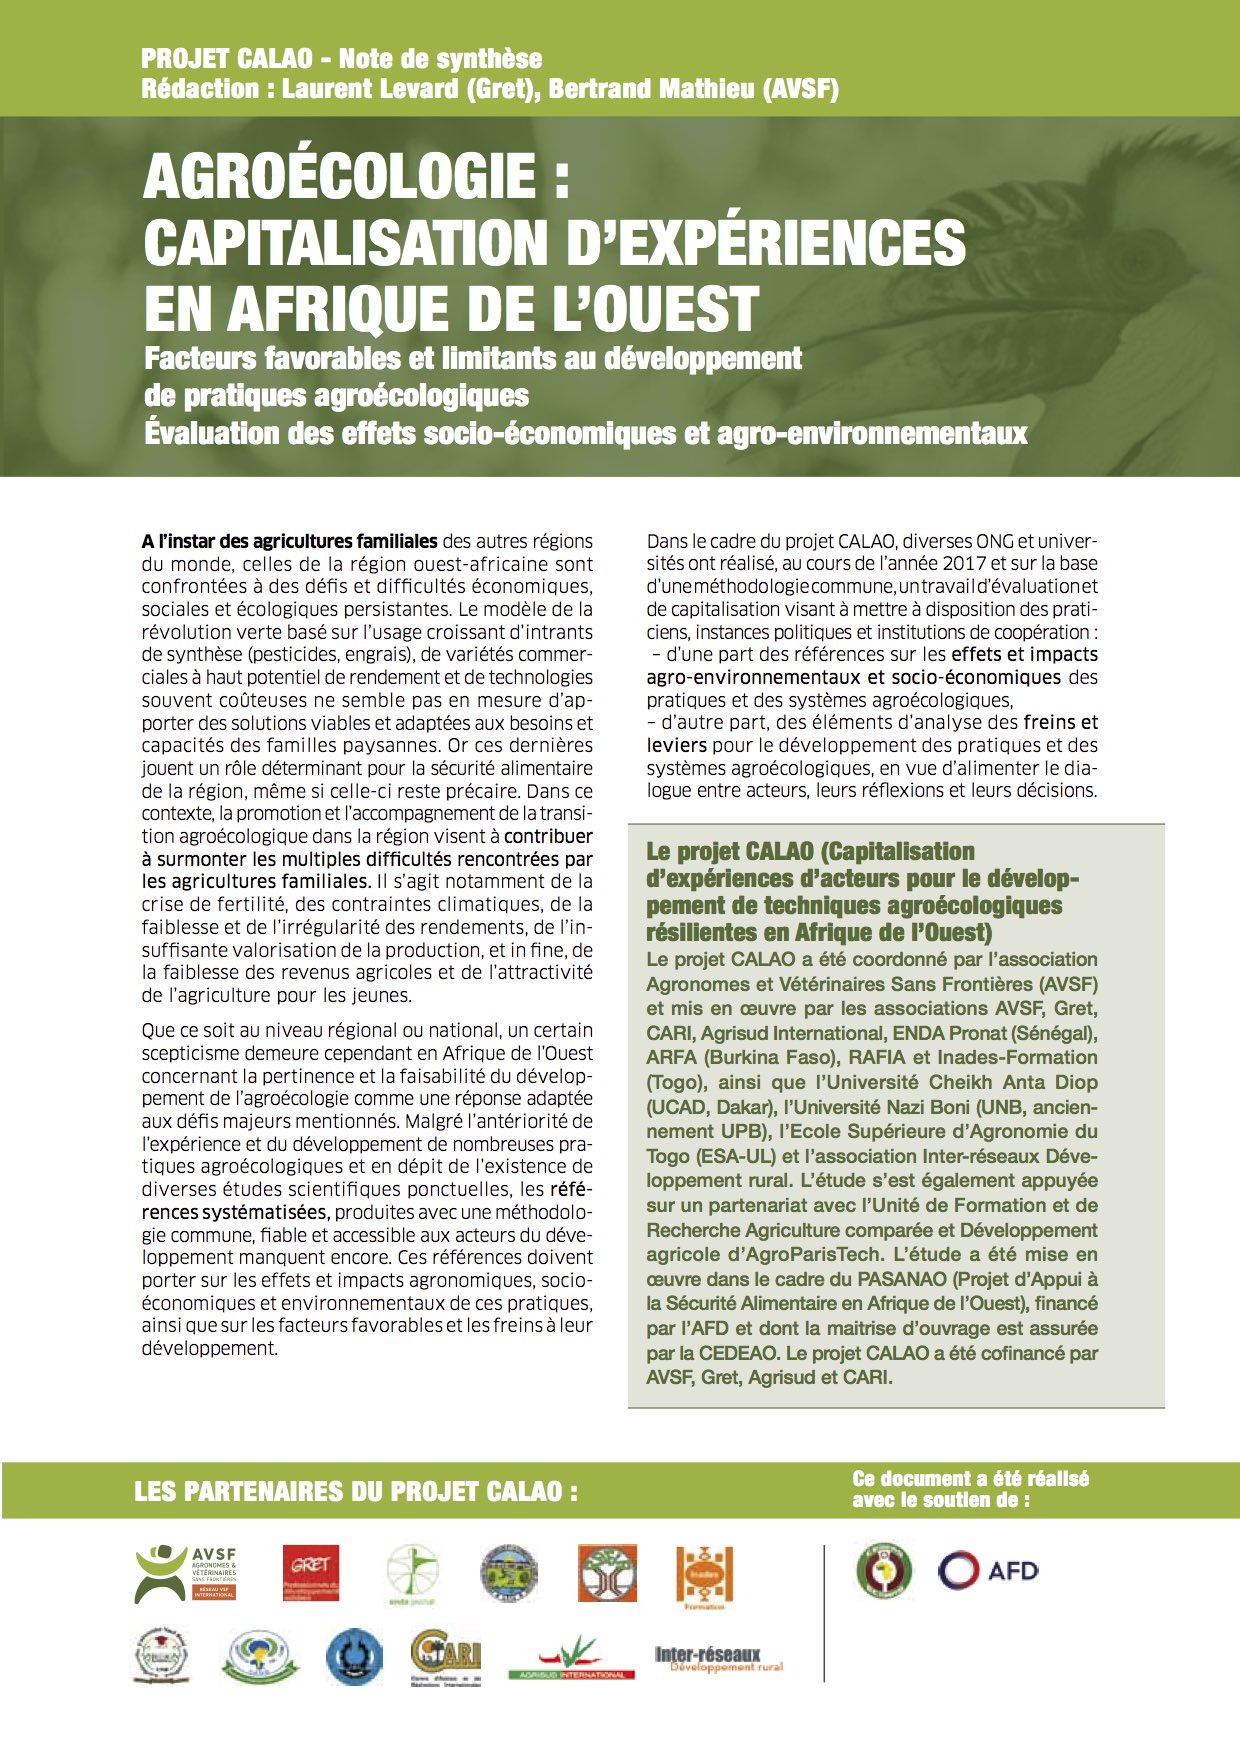 Agroécologie : capitalisation d'expériences en Afrique de l'Ouest : facteurs favorables et limitants au développement de pratiques agroécologiques ; évaluation des effets socio-économiques et agro-environnementaux (note de synthèse) Image principal